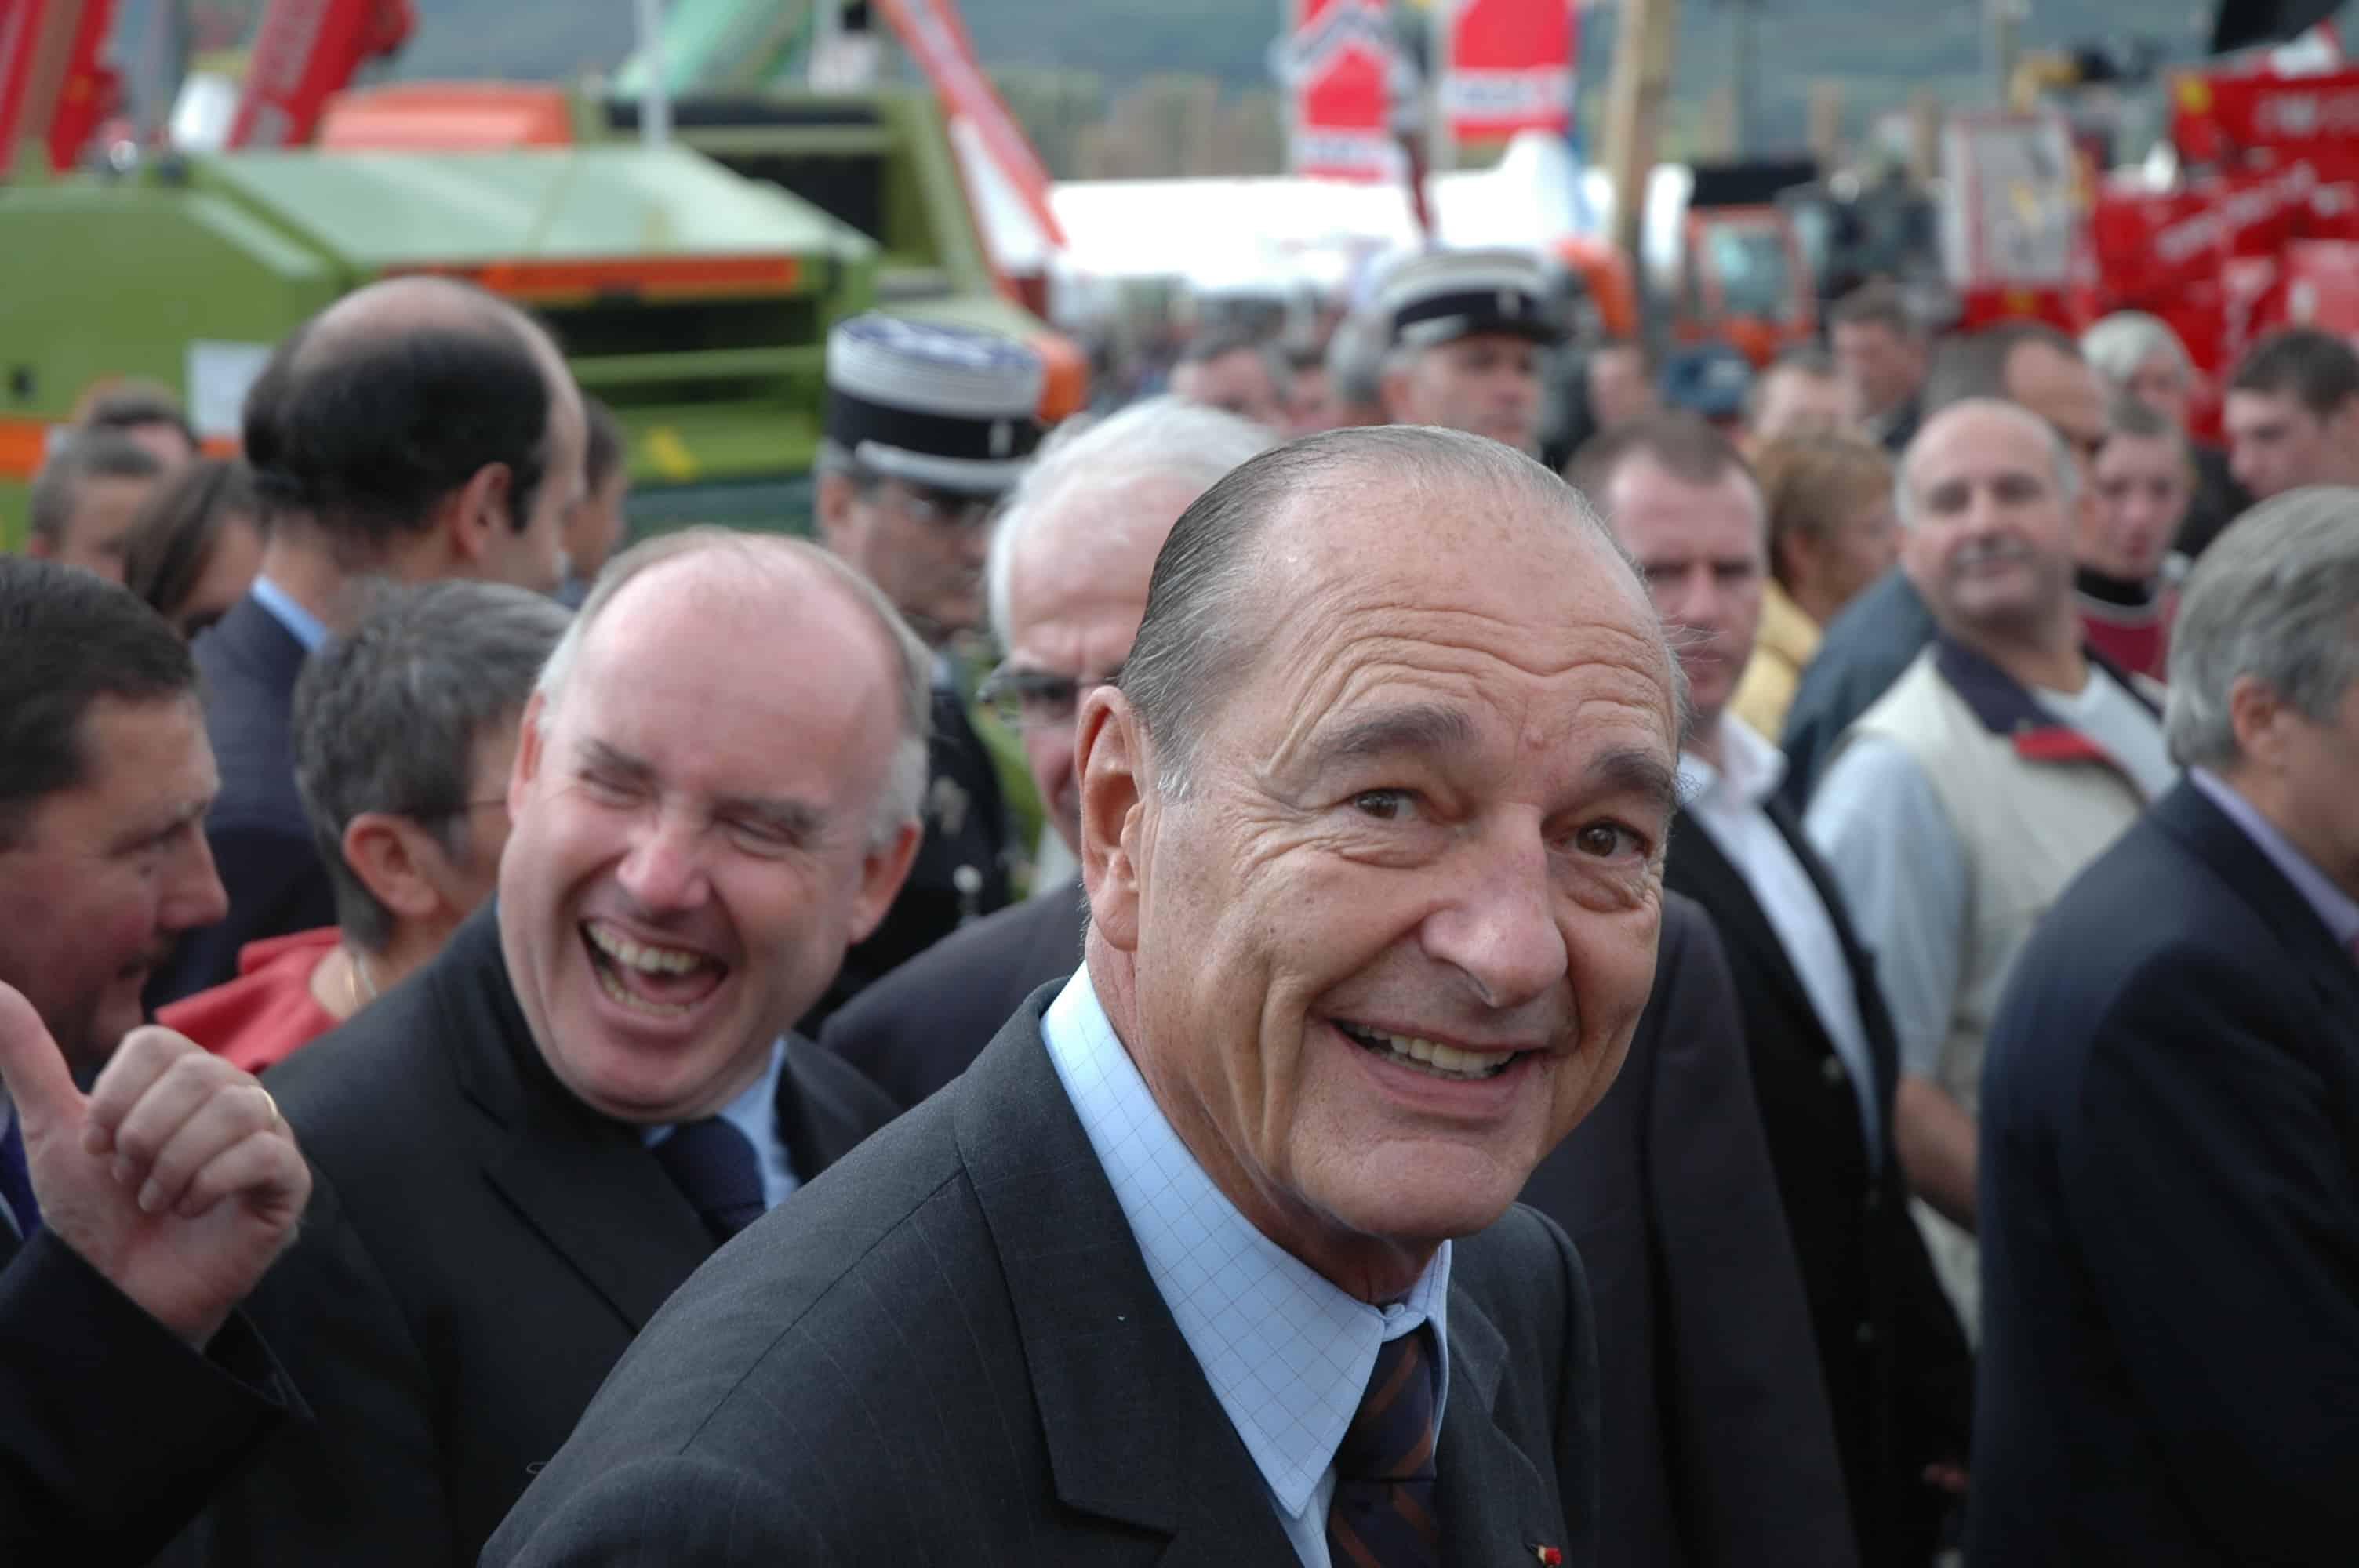 jacques chirac deces relation agriculture affection histoire d amour salon elevage 2006